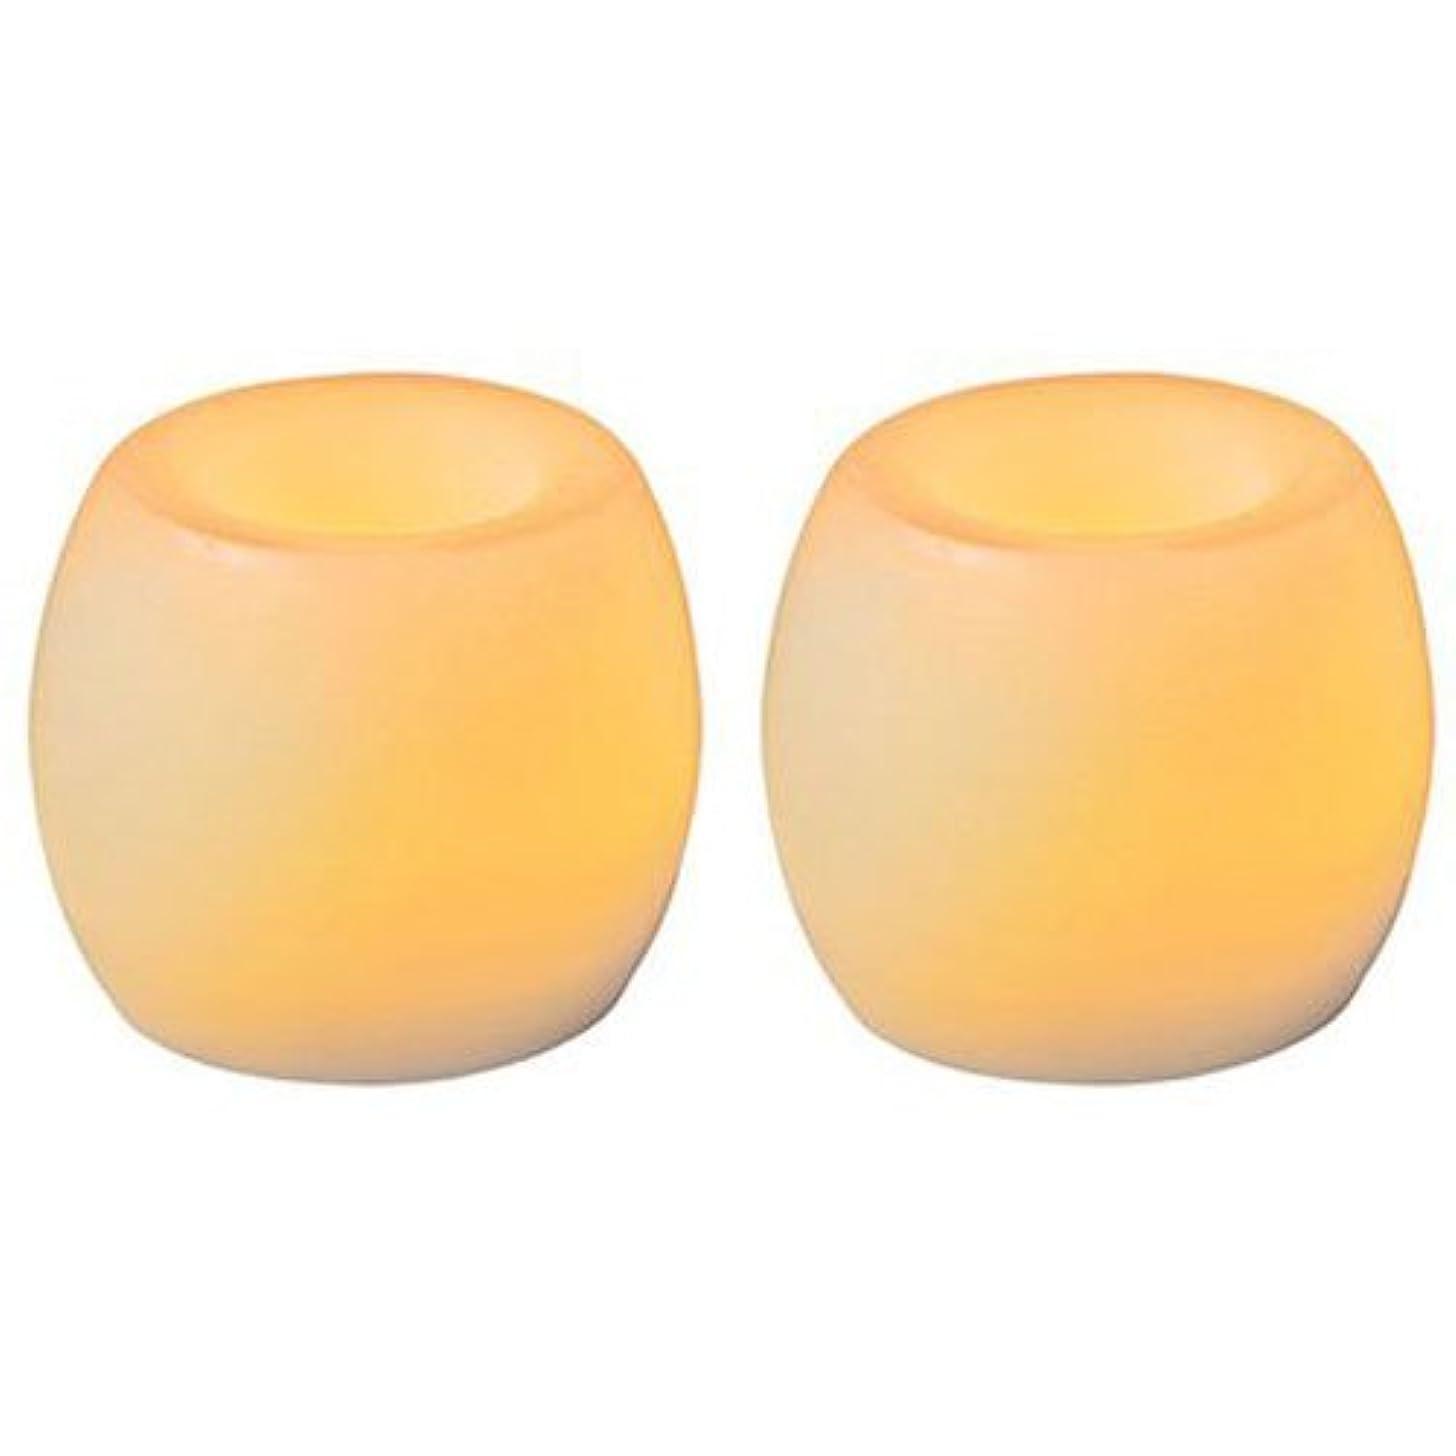 ブート悲しいことに部分Inglow Flameless Mini Curved SquaresバニラScented Candle 2 - Pack 1 ベージュ CG24101CR201